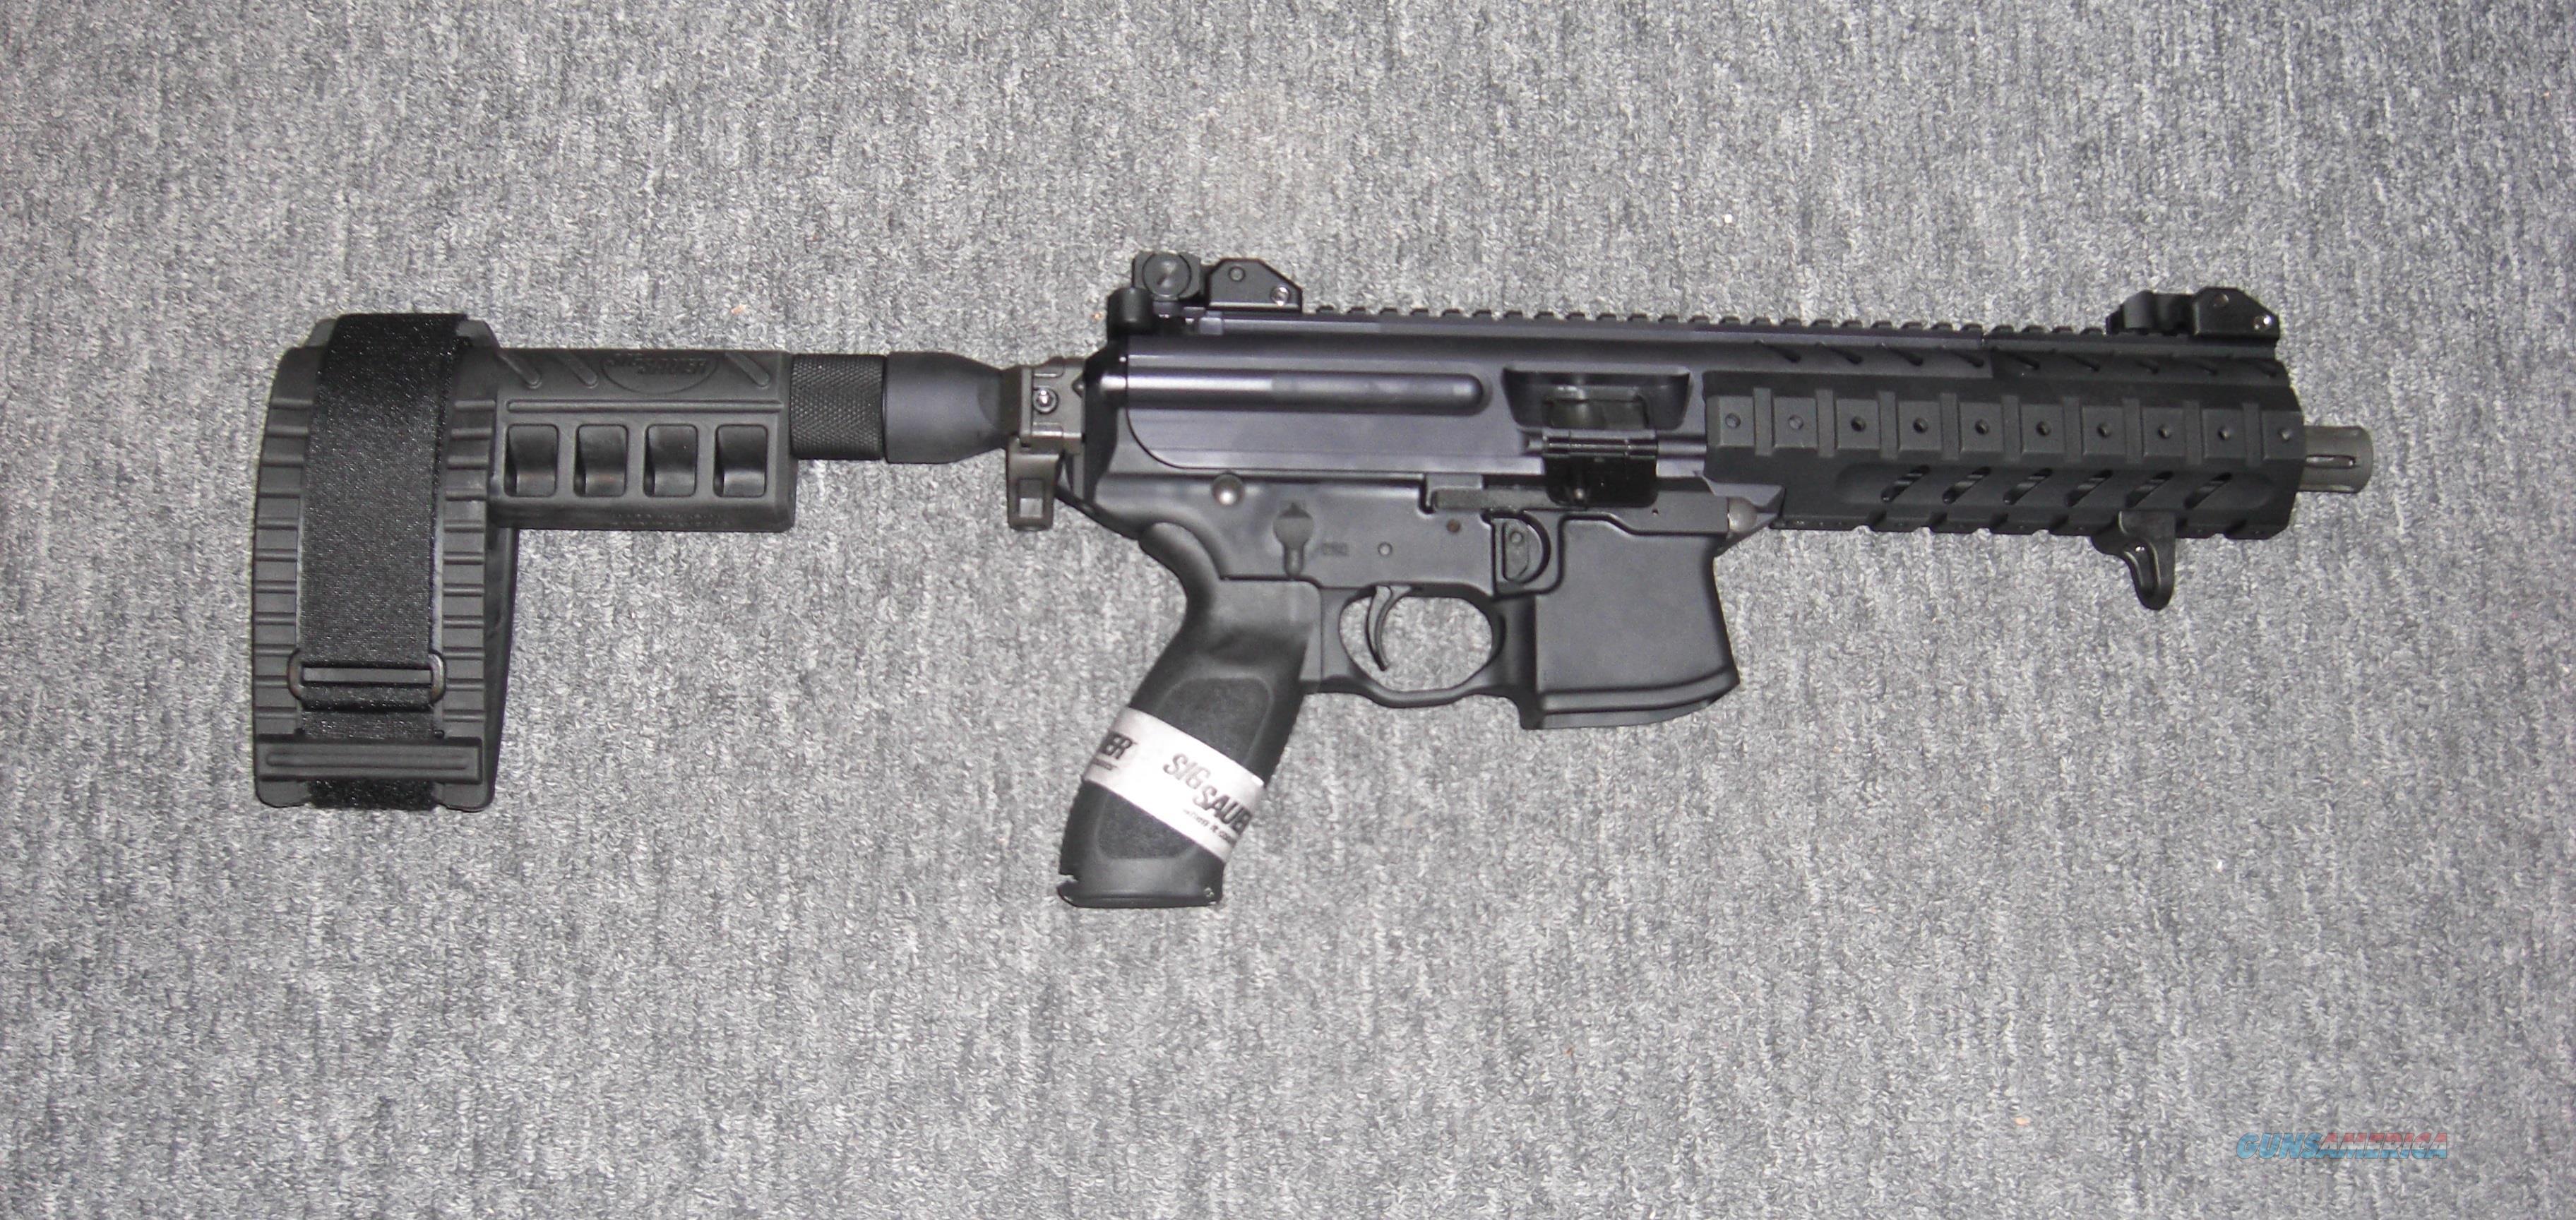 A1 Auto Sales >> Sig Sauer MPX Pistol w/Sig Arm Brace for sale